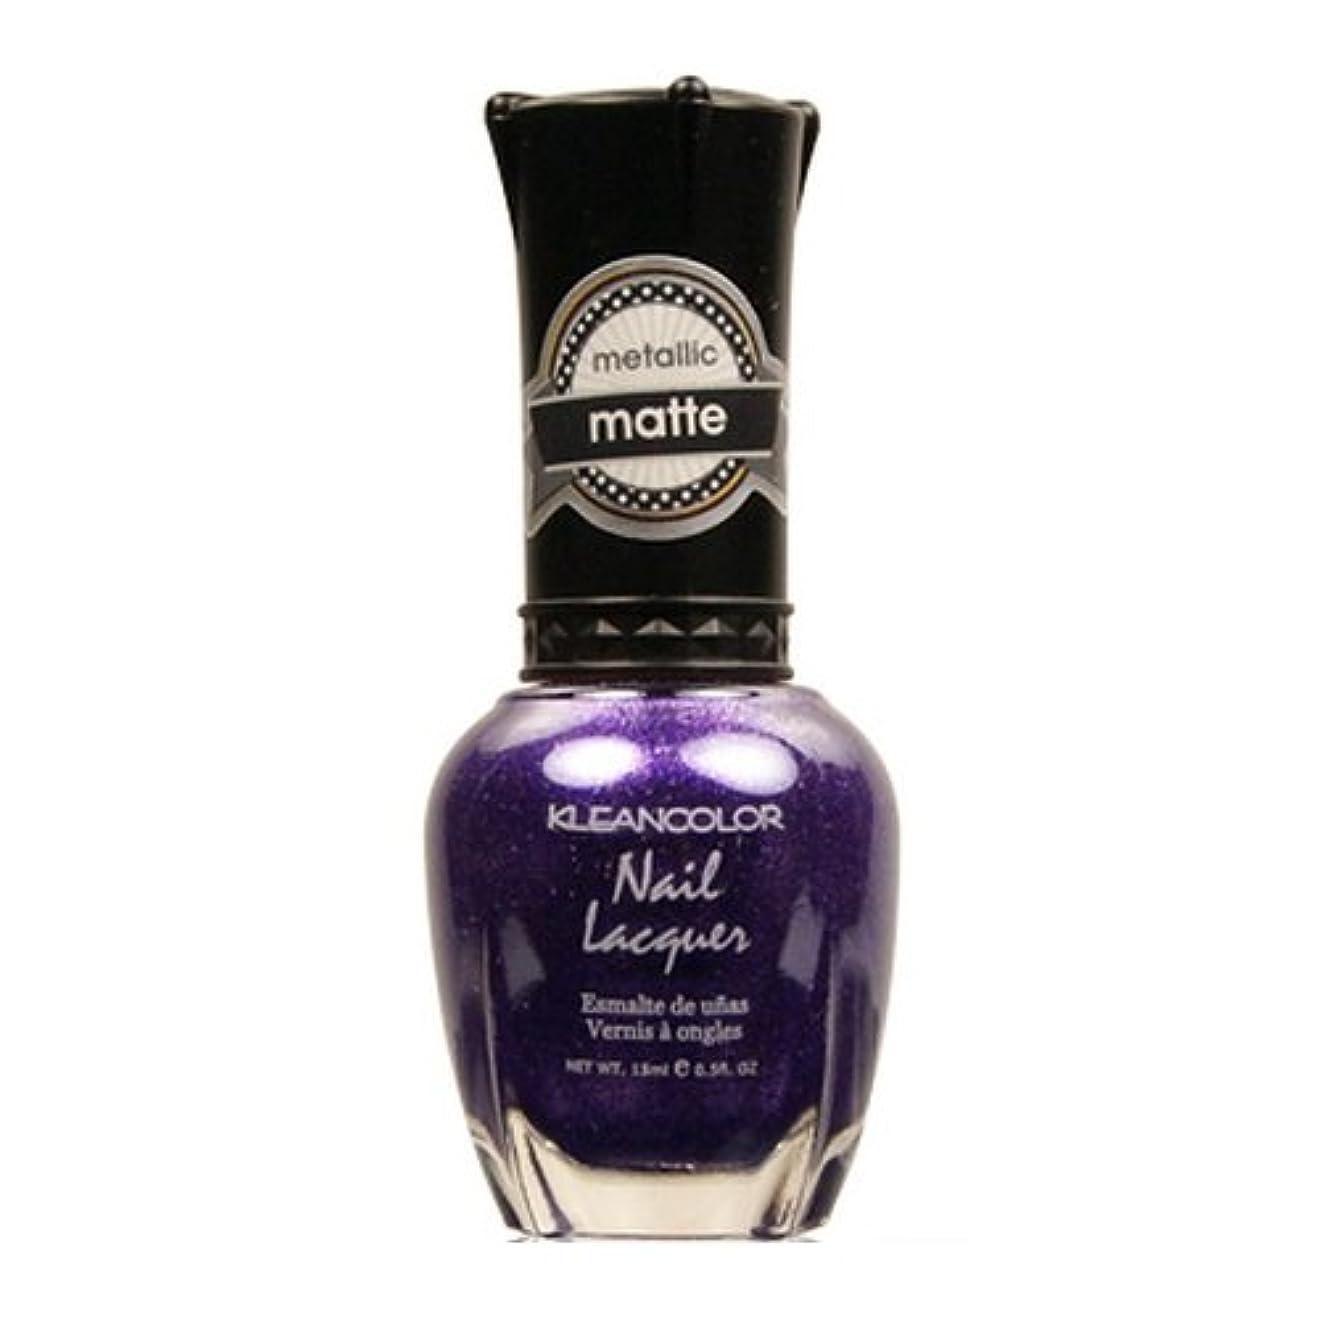 スキルしたがって彼らのものKLEANCOLOR Matte Nail Lacquer - Bright&Breezy (並行輸入品)